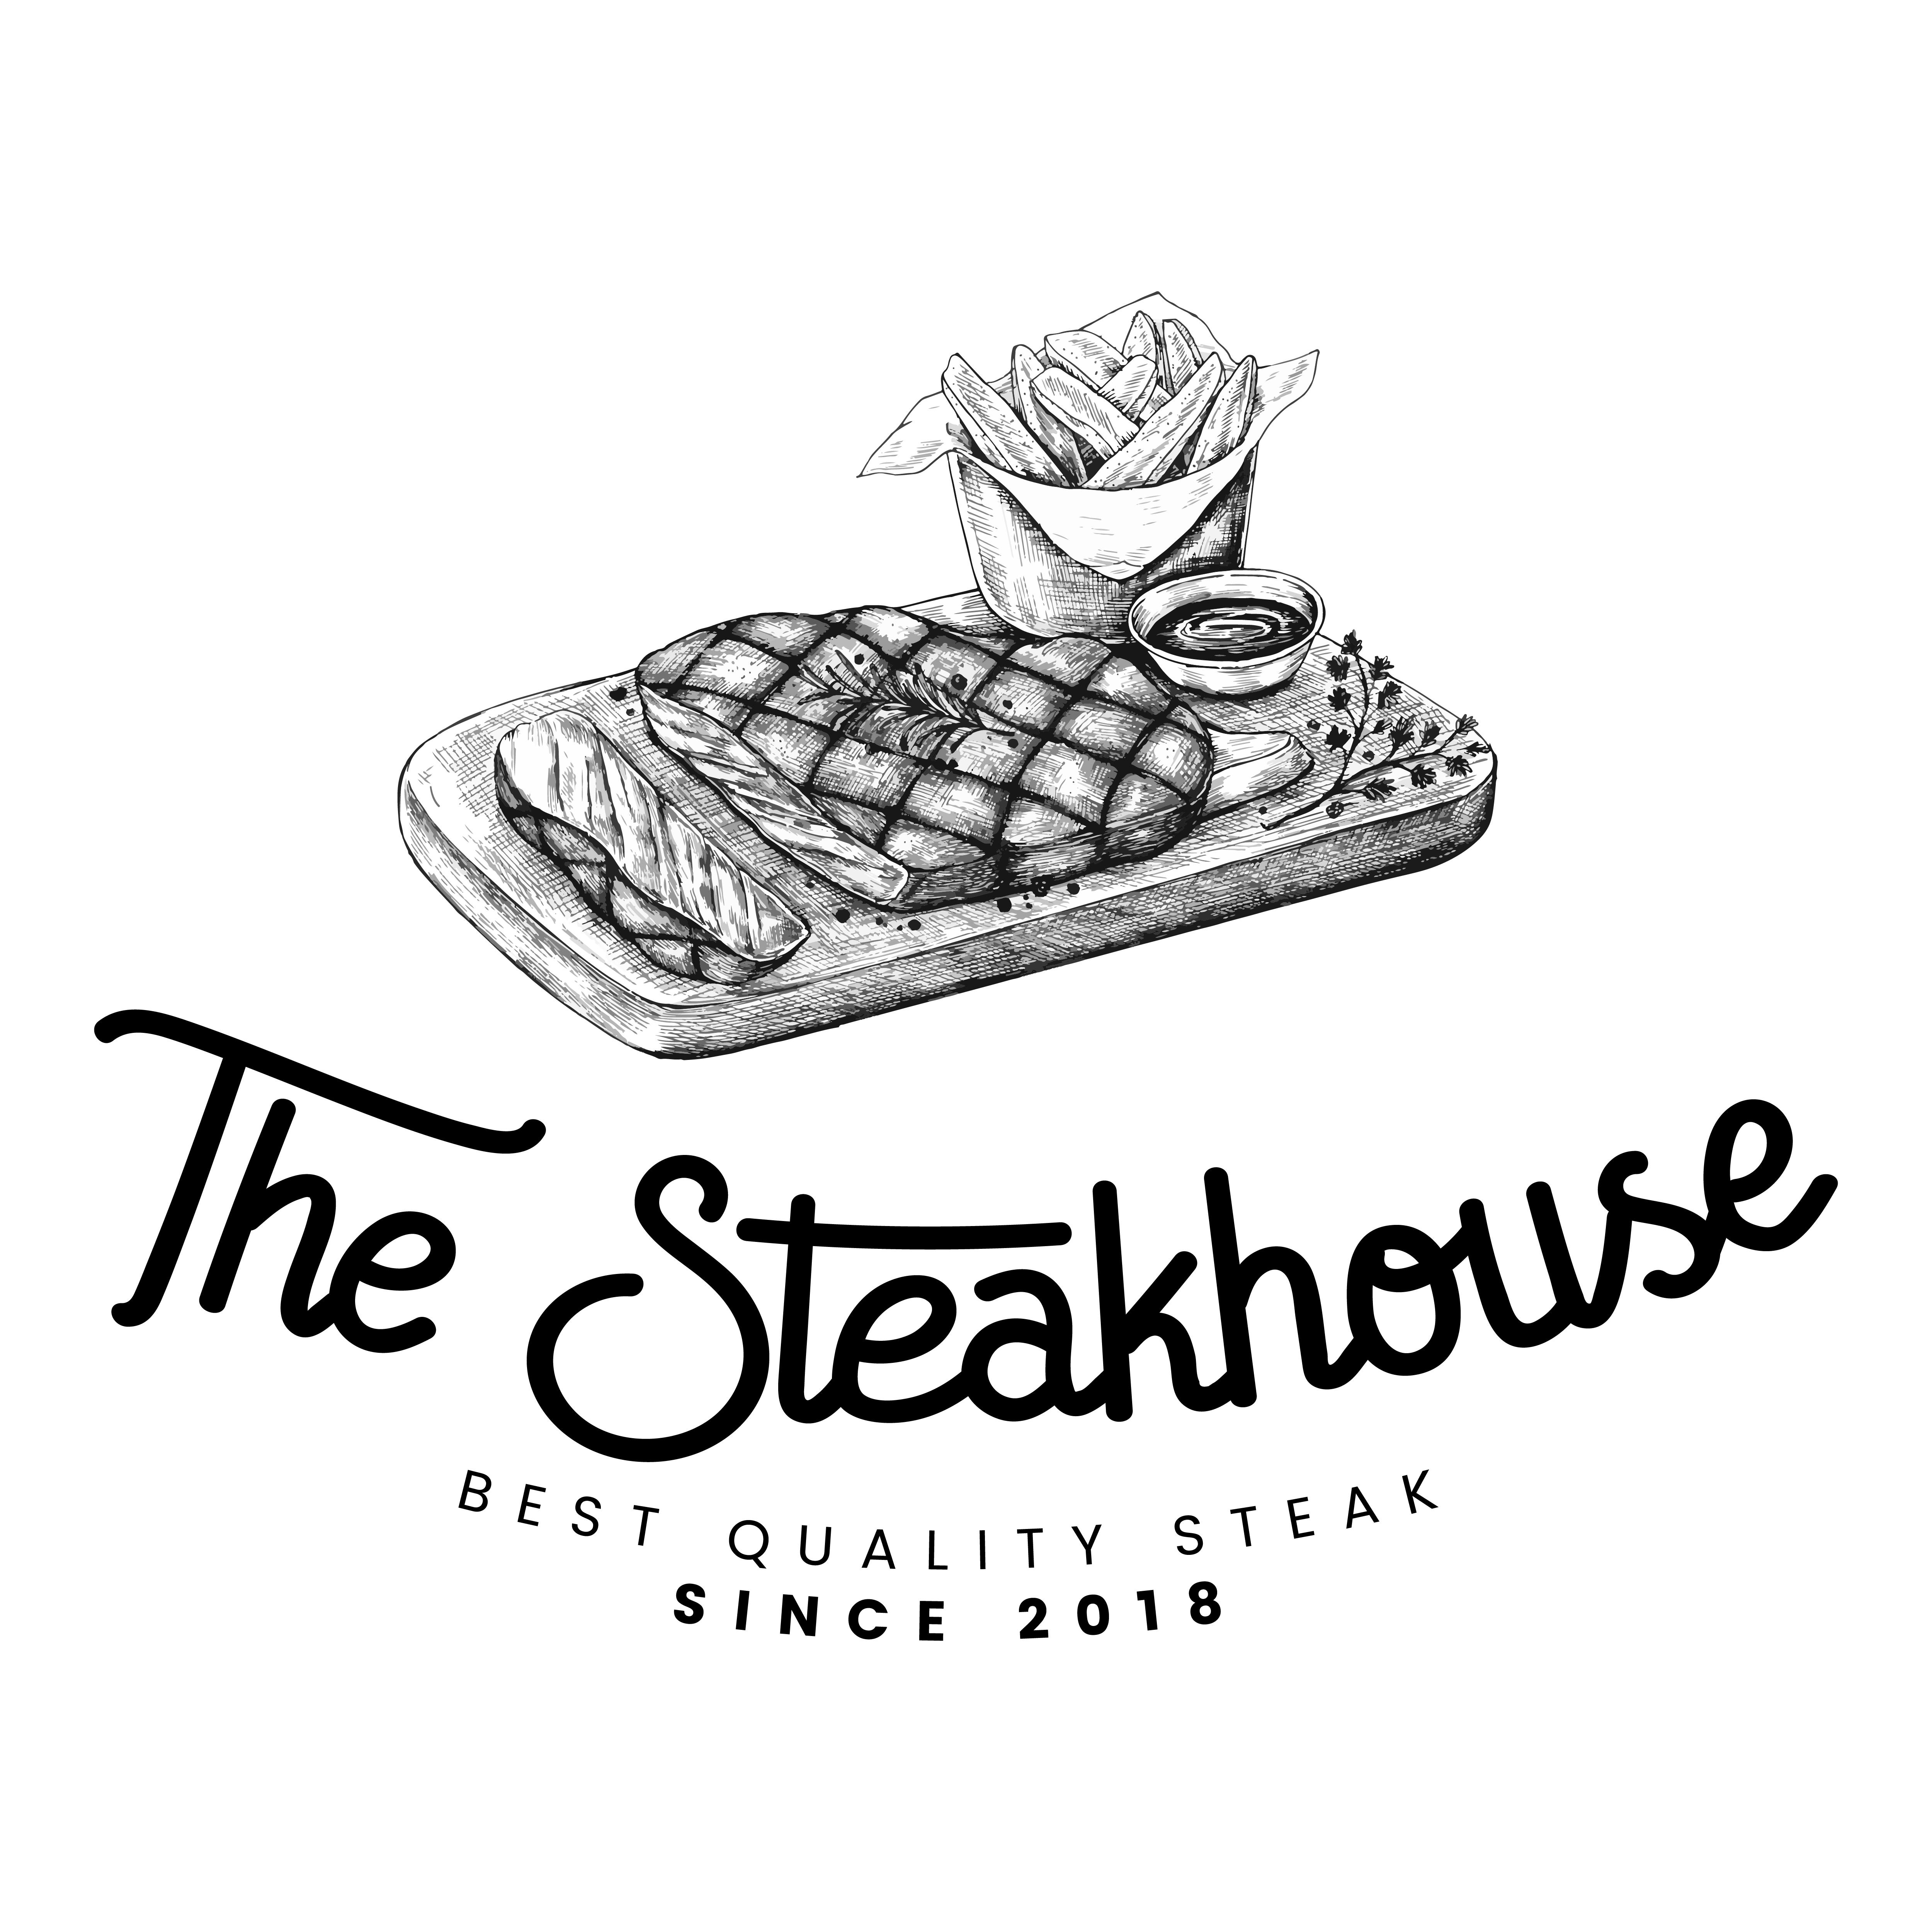 Retro Bakery Logo Concept: The Steakhouse Logo Design Vector